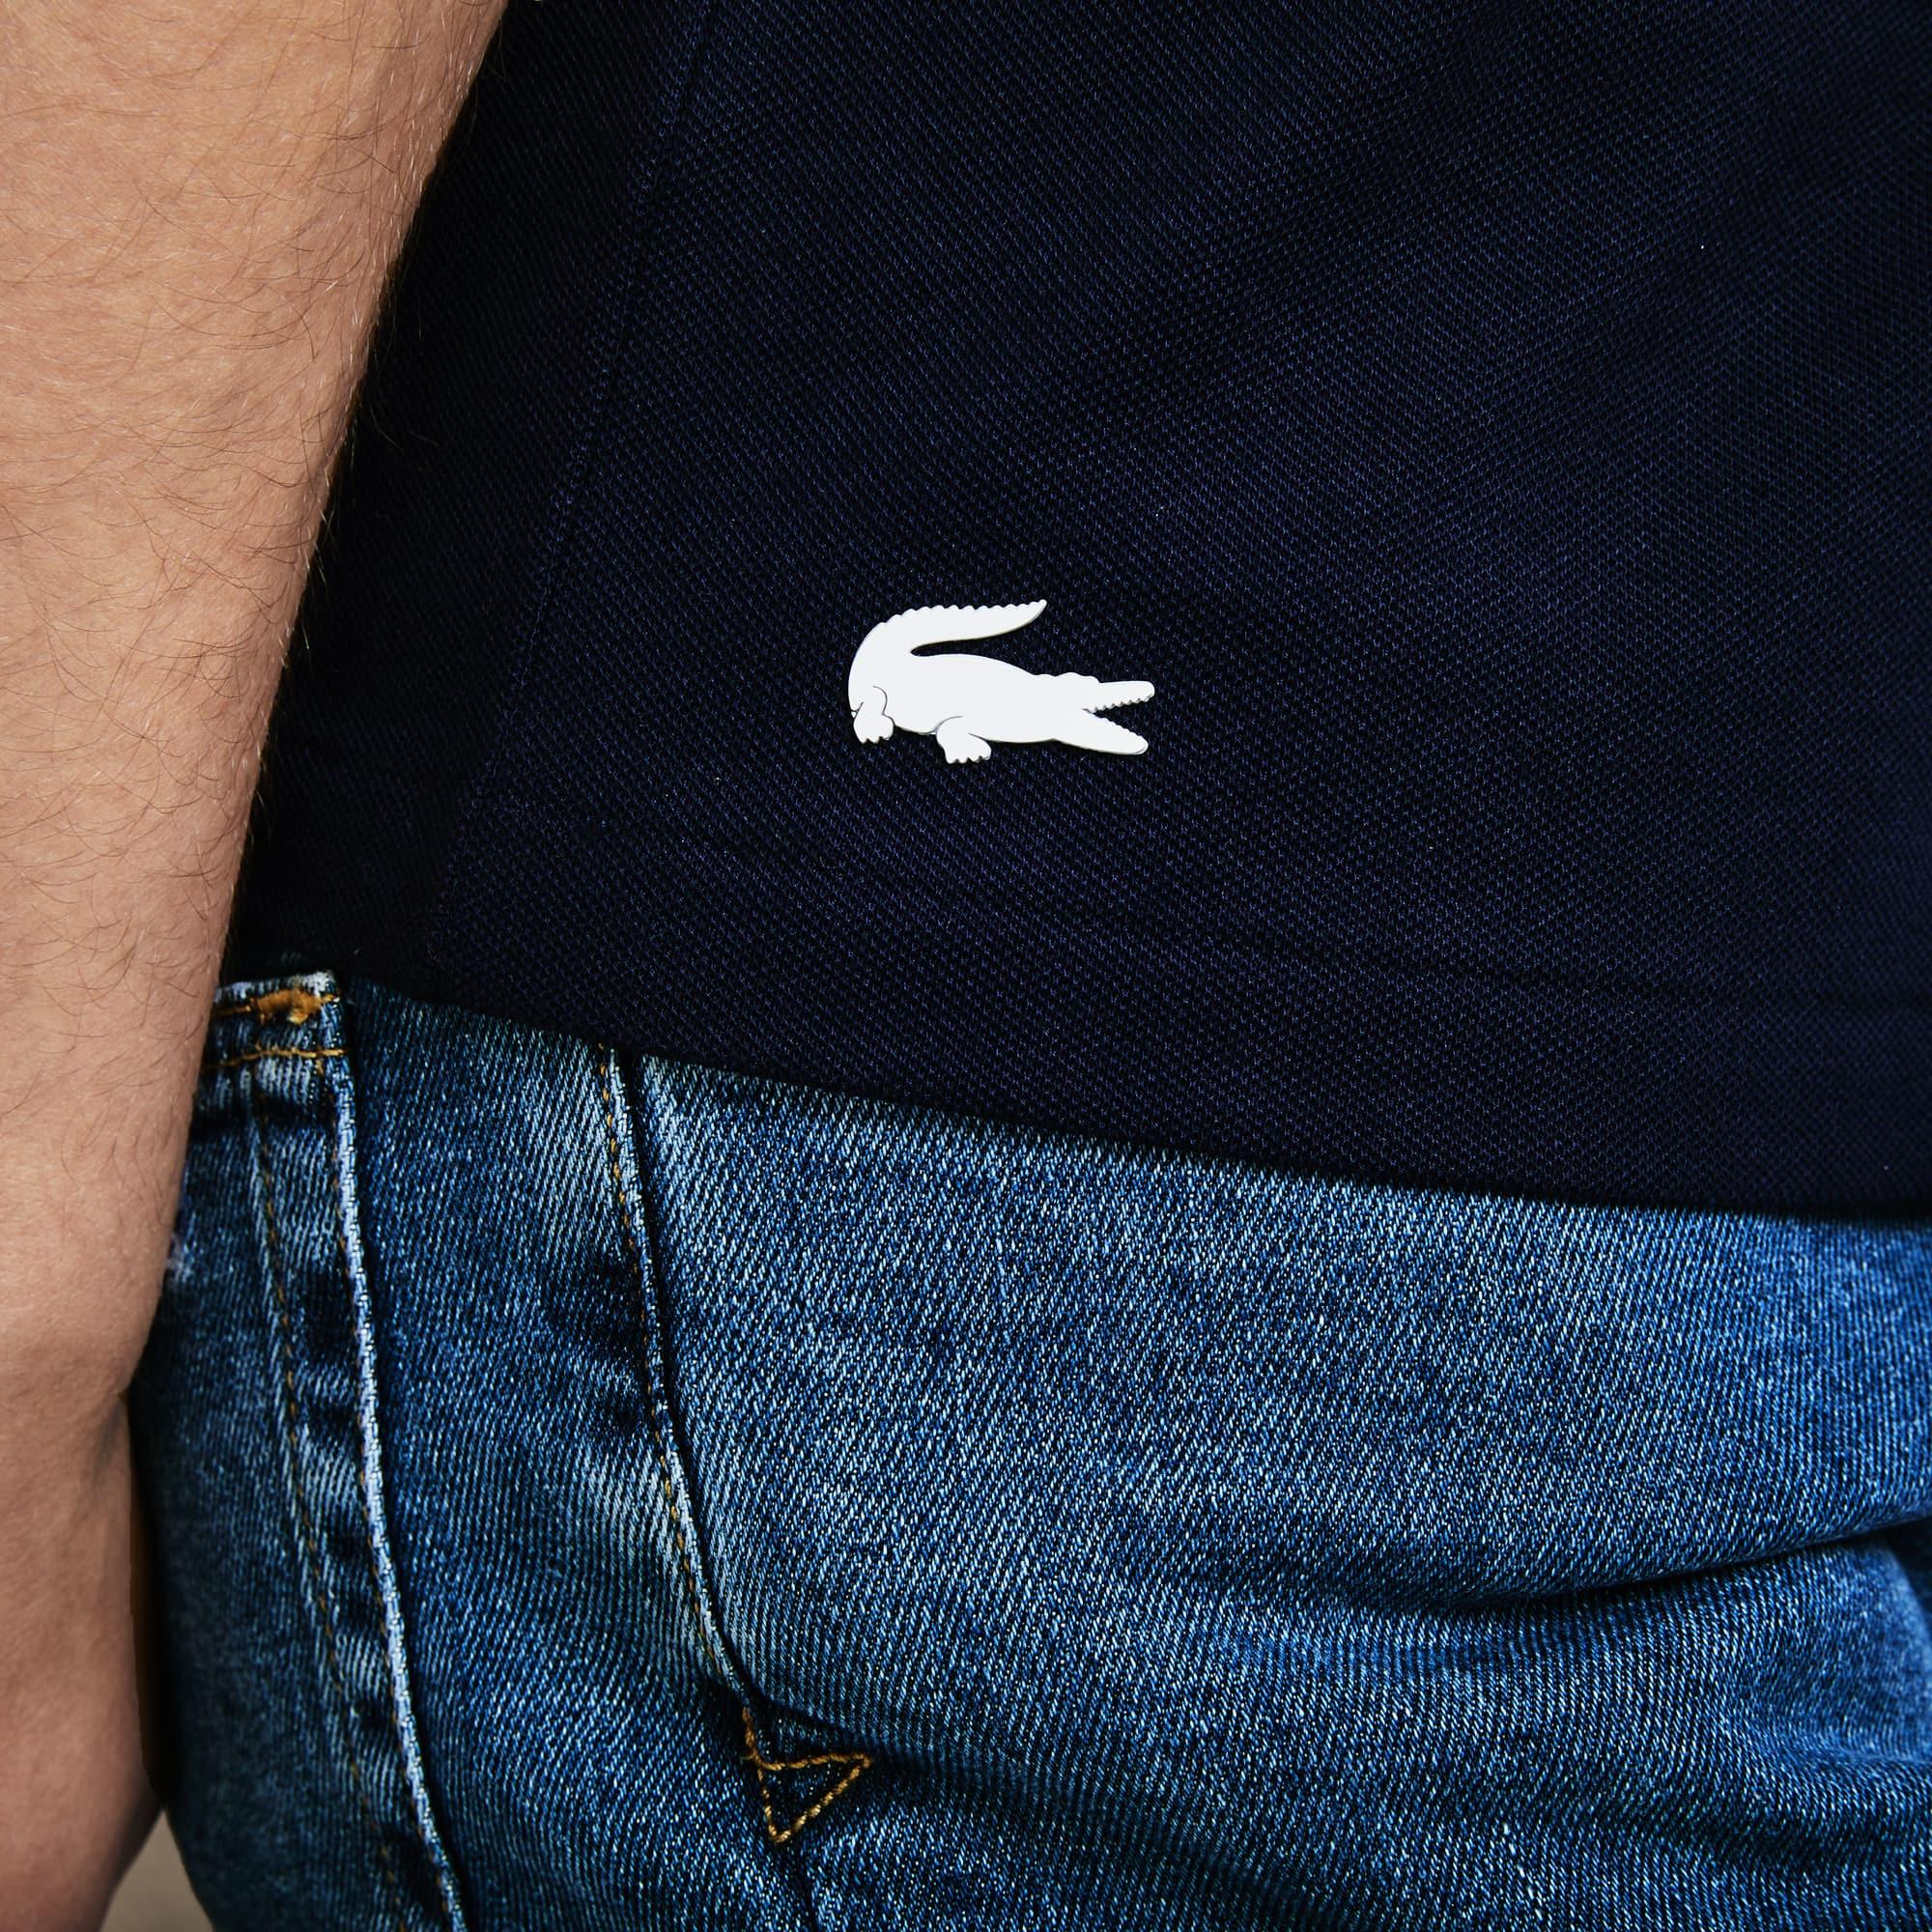 Lacoste - Polo De Hombre Lacoste Slim Fit En Mini Piqué Elástico Con Inscripción - 7